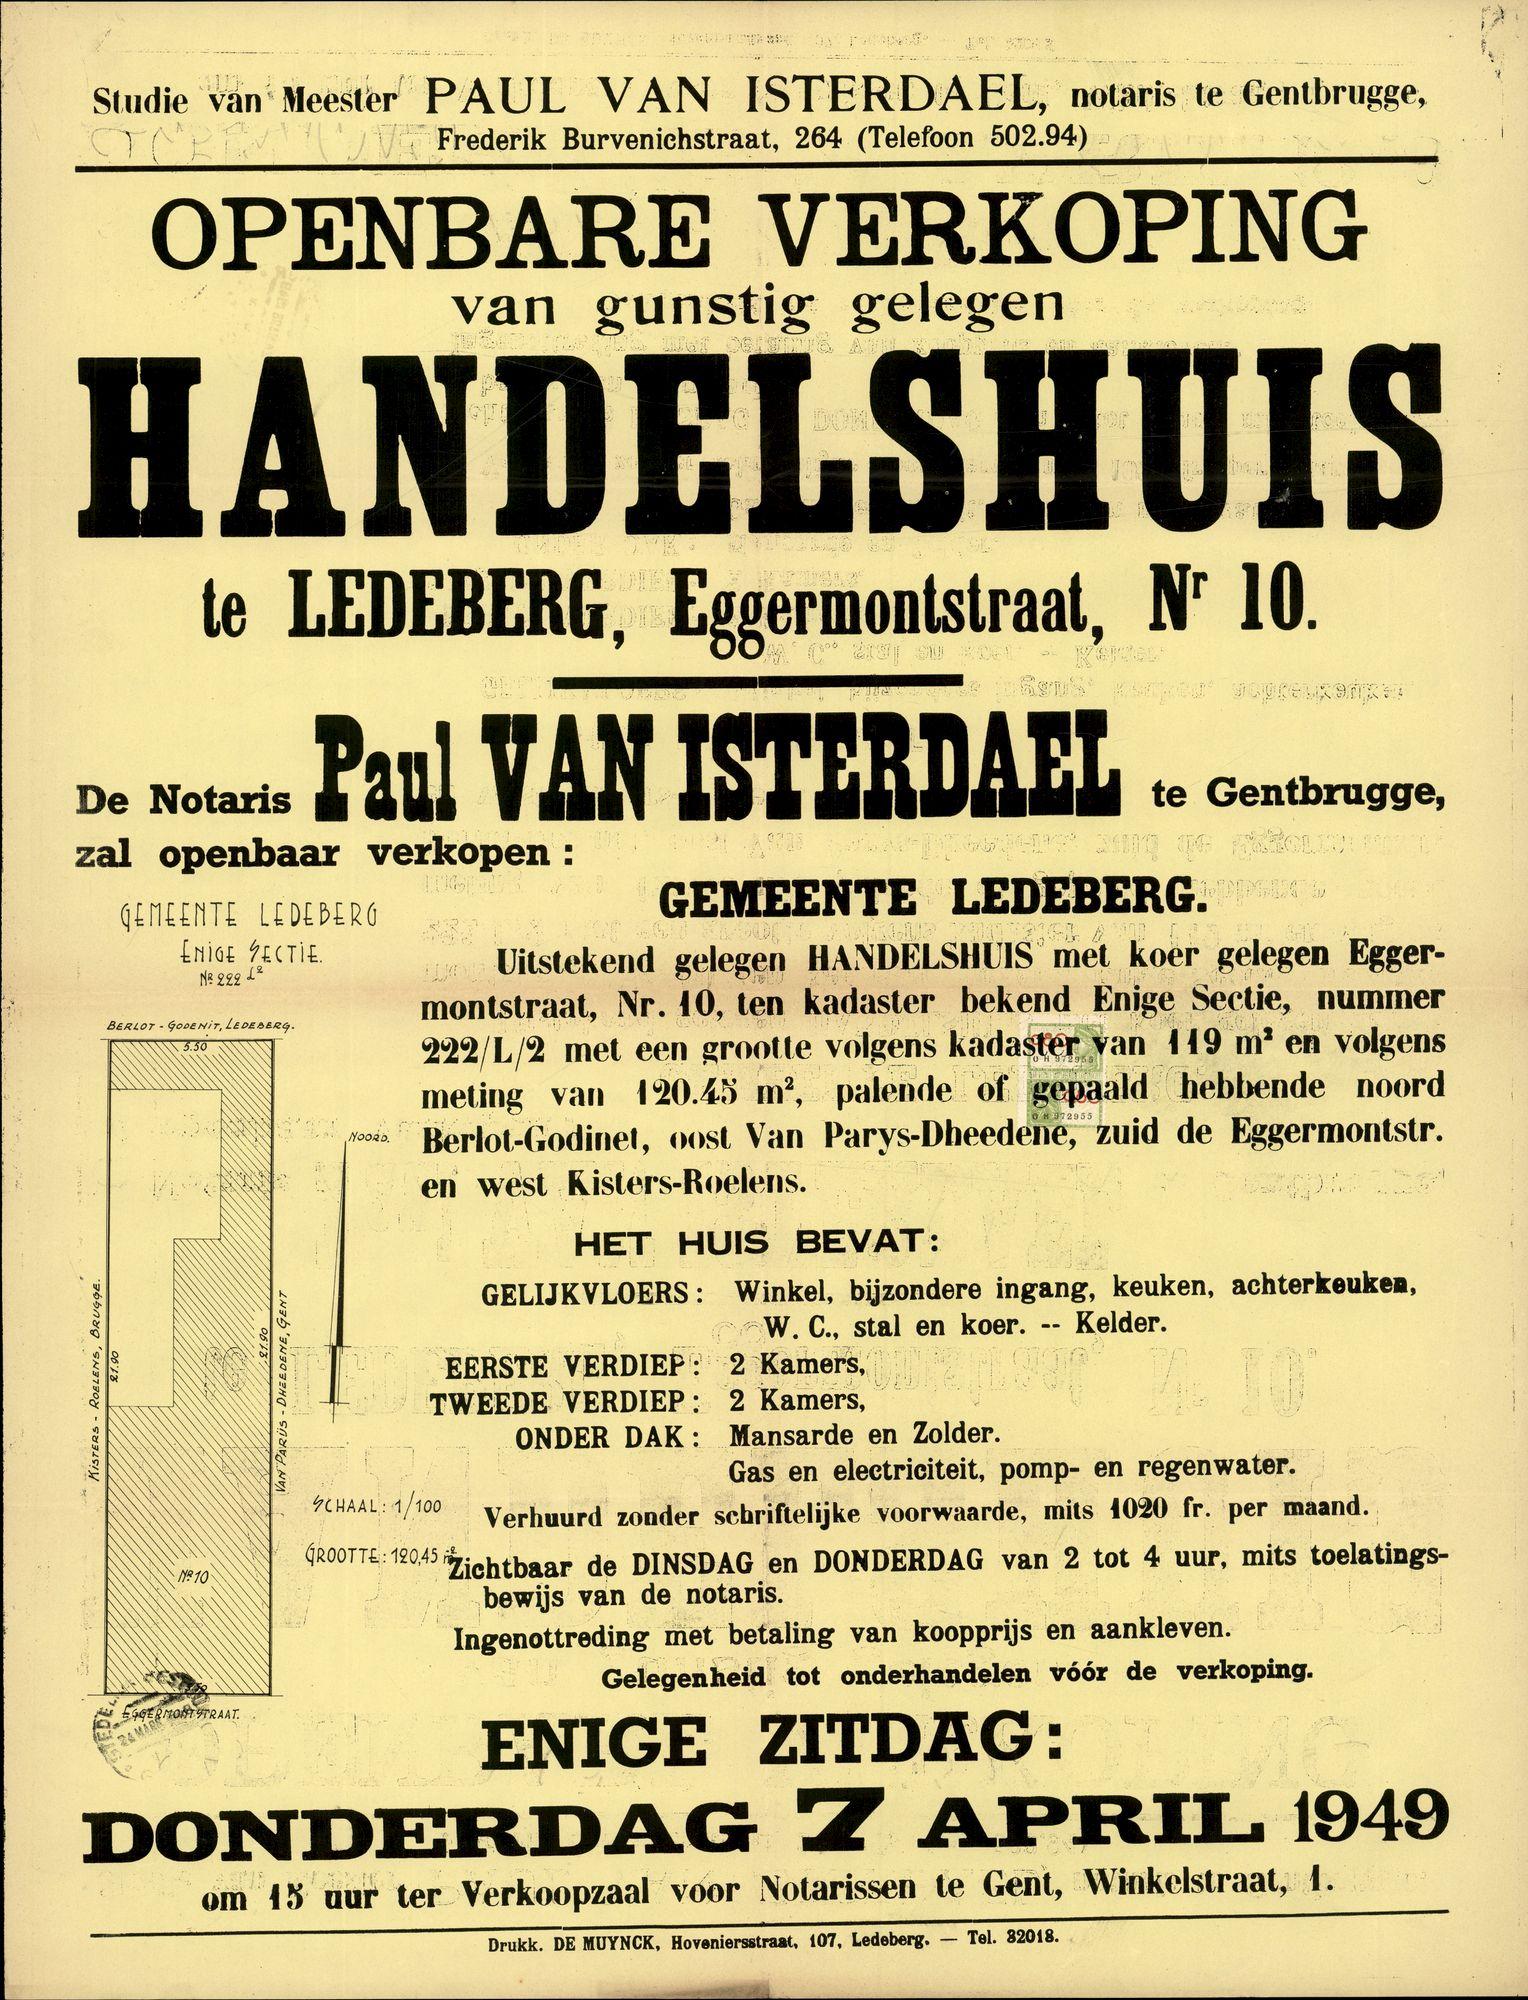 Openbare verkoop van gunstig gelegen handelshuis te Ledeberg, Eggermontstraat, nr.10, Gent, 7 april 1949